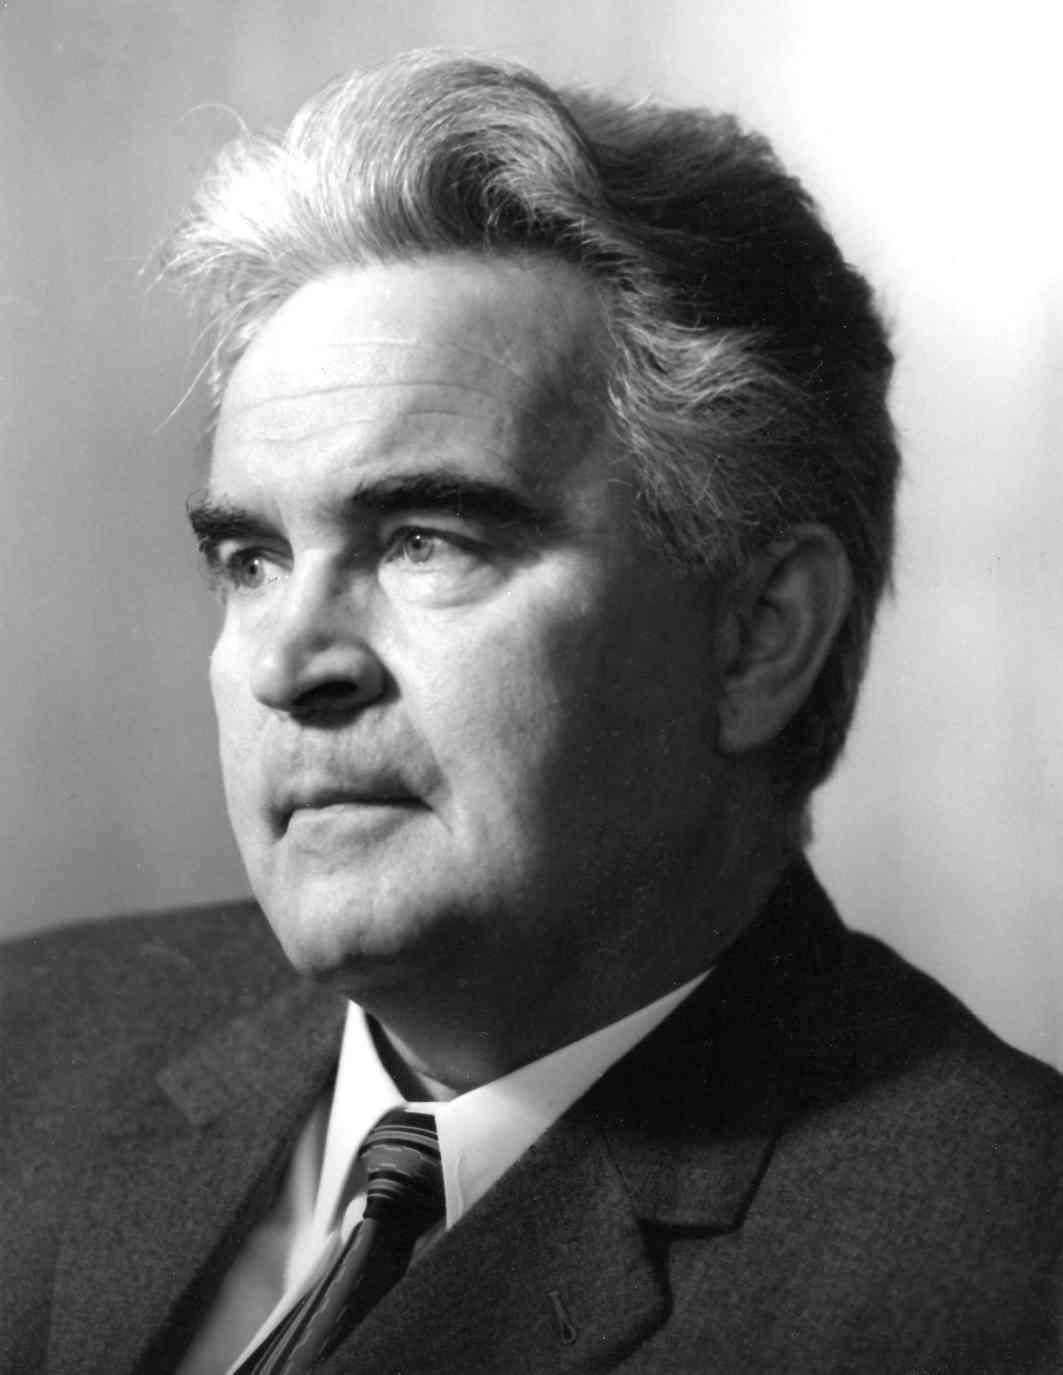 Wilhelm SCHÜCHTER, 1968, photo de la collection Harry Schultz / Dortmunder Theatersammlung